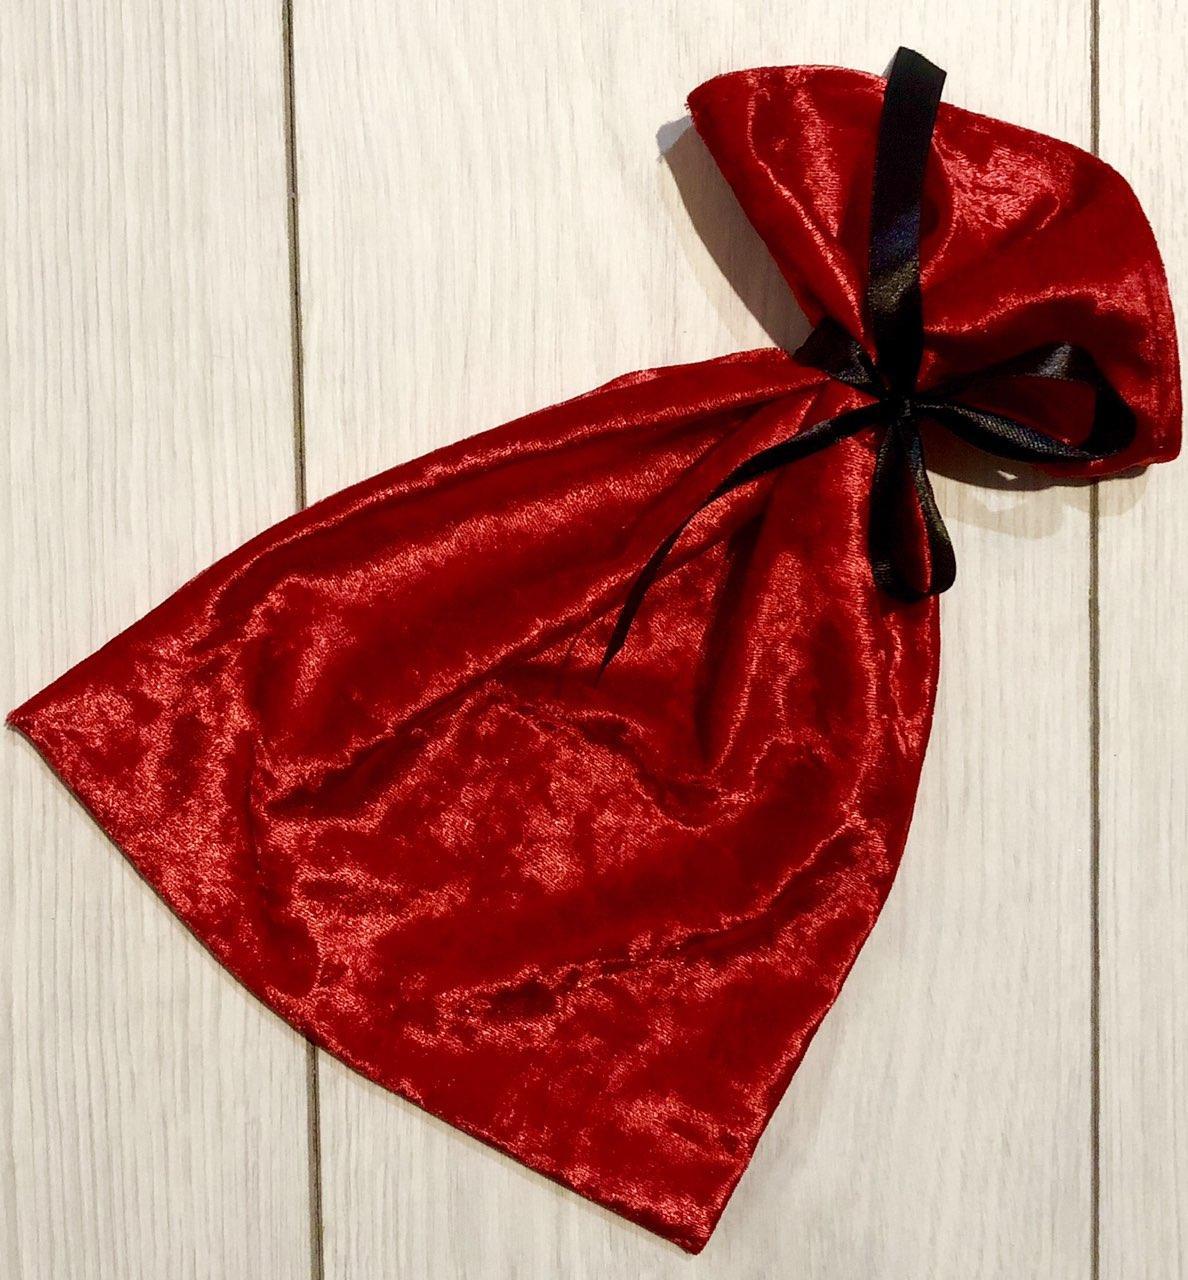 Красная велюровый мешочек для упаковки и хранения пижам, нижнего белья.